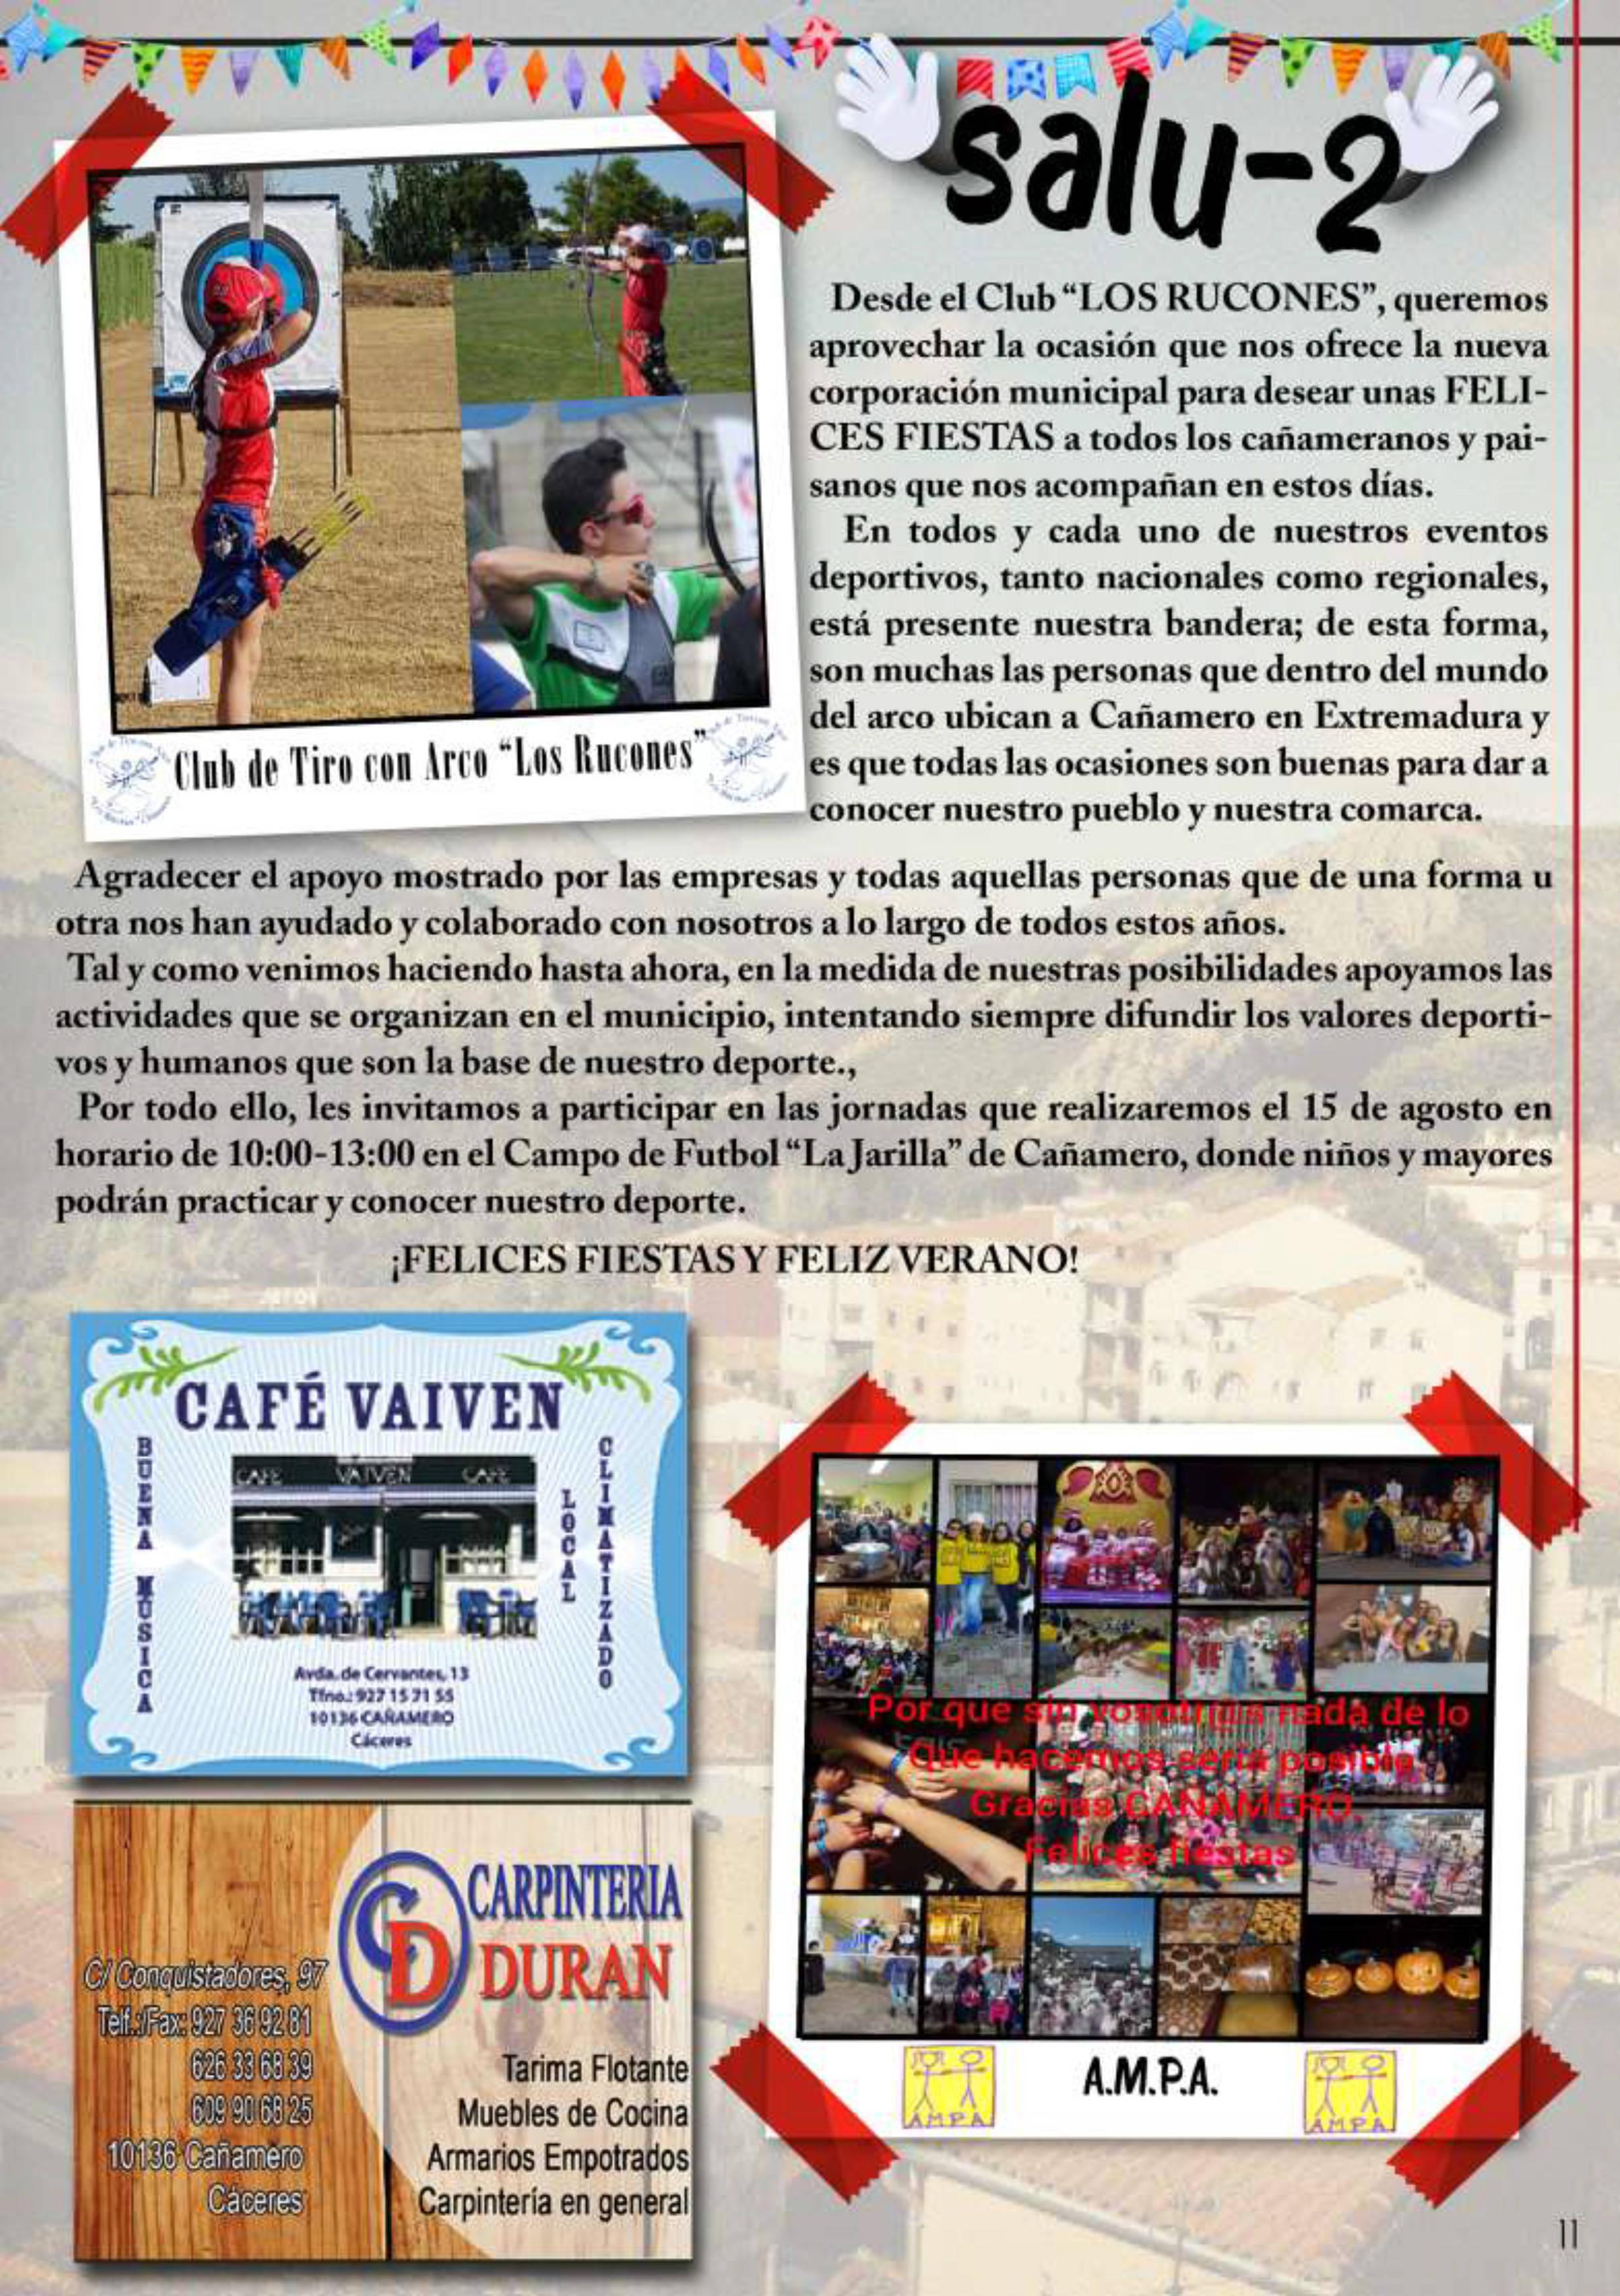 Programa de fiestas patronales 2019 - Cañamero (Cáceres) 9